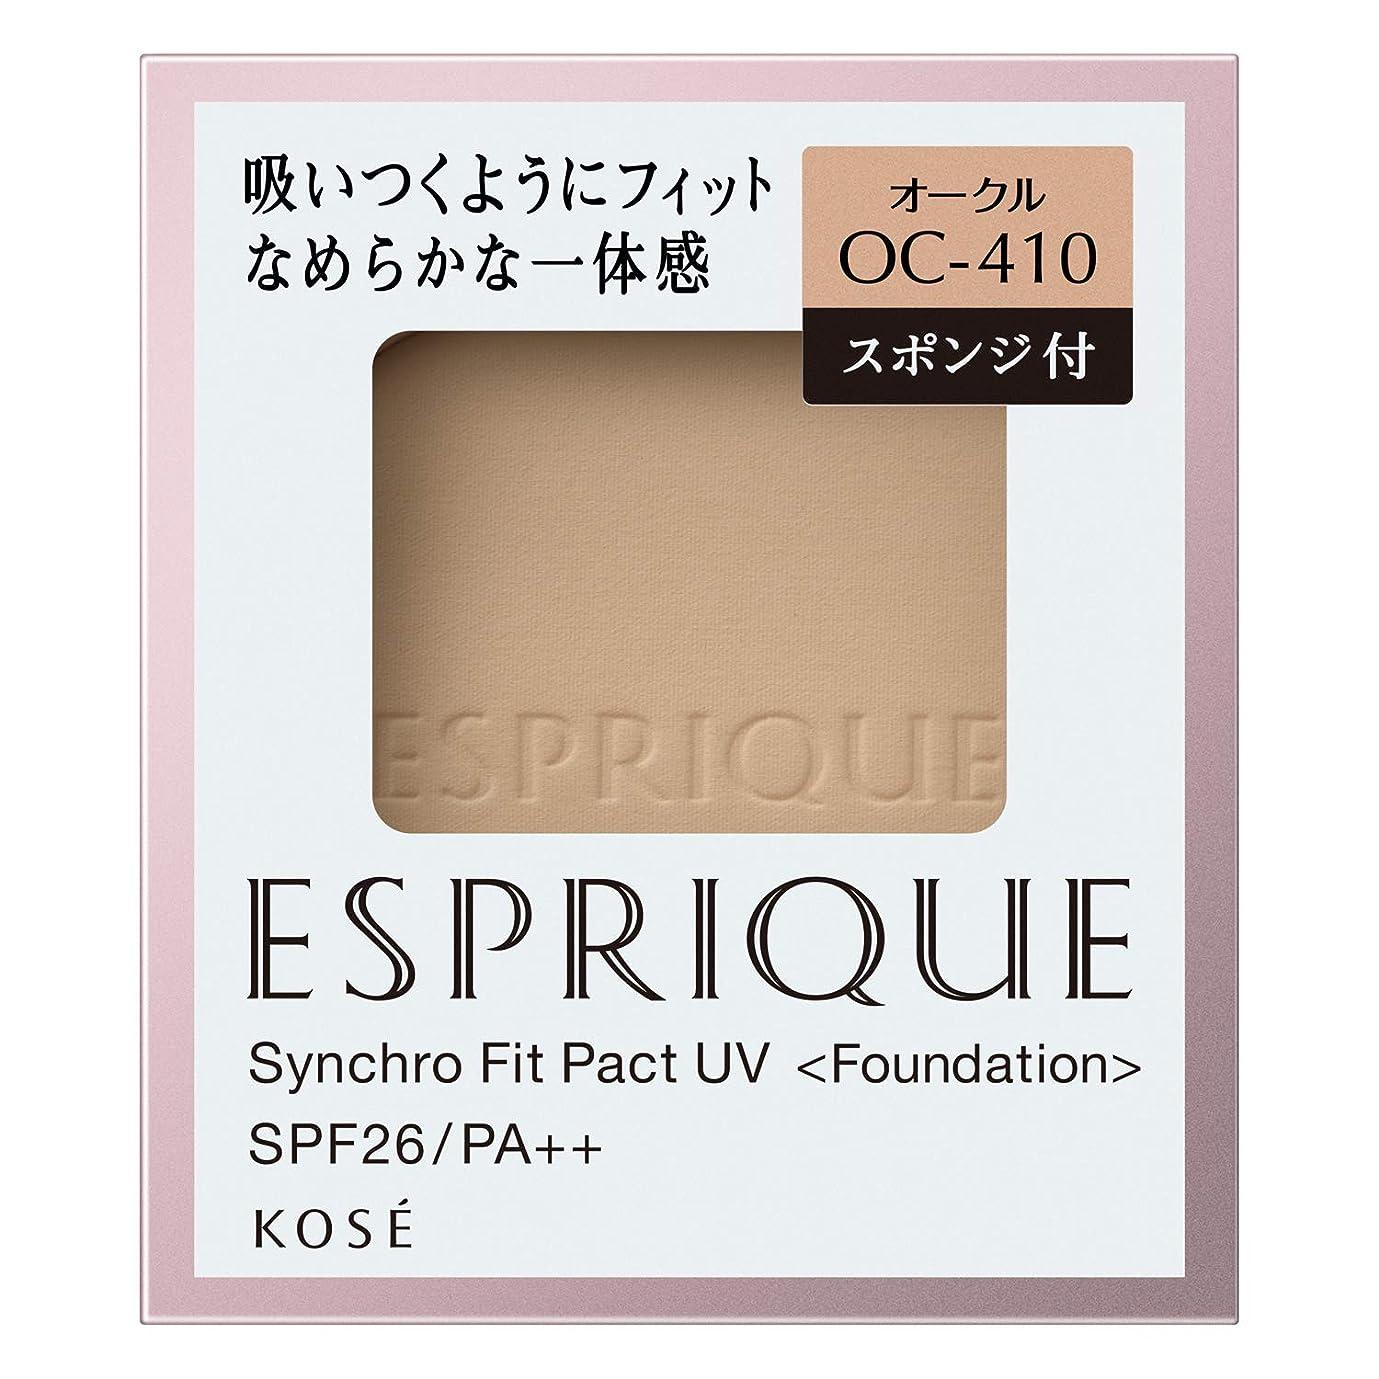 長いです活気づけるミシン目エスプリーク シンクロフィット パクト UV OC-410 オークル 9.3g